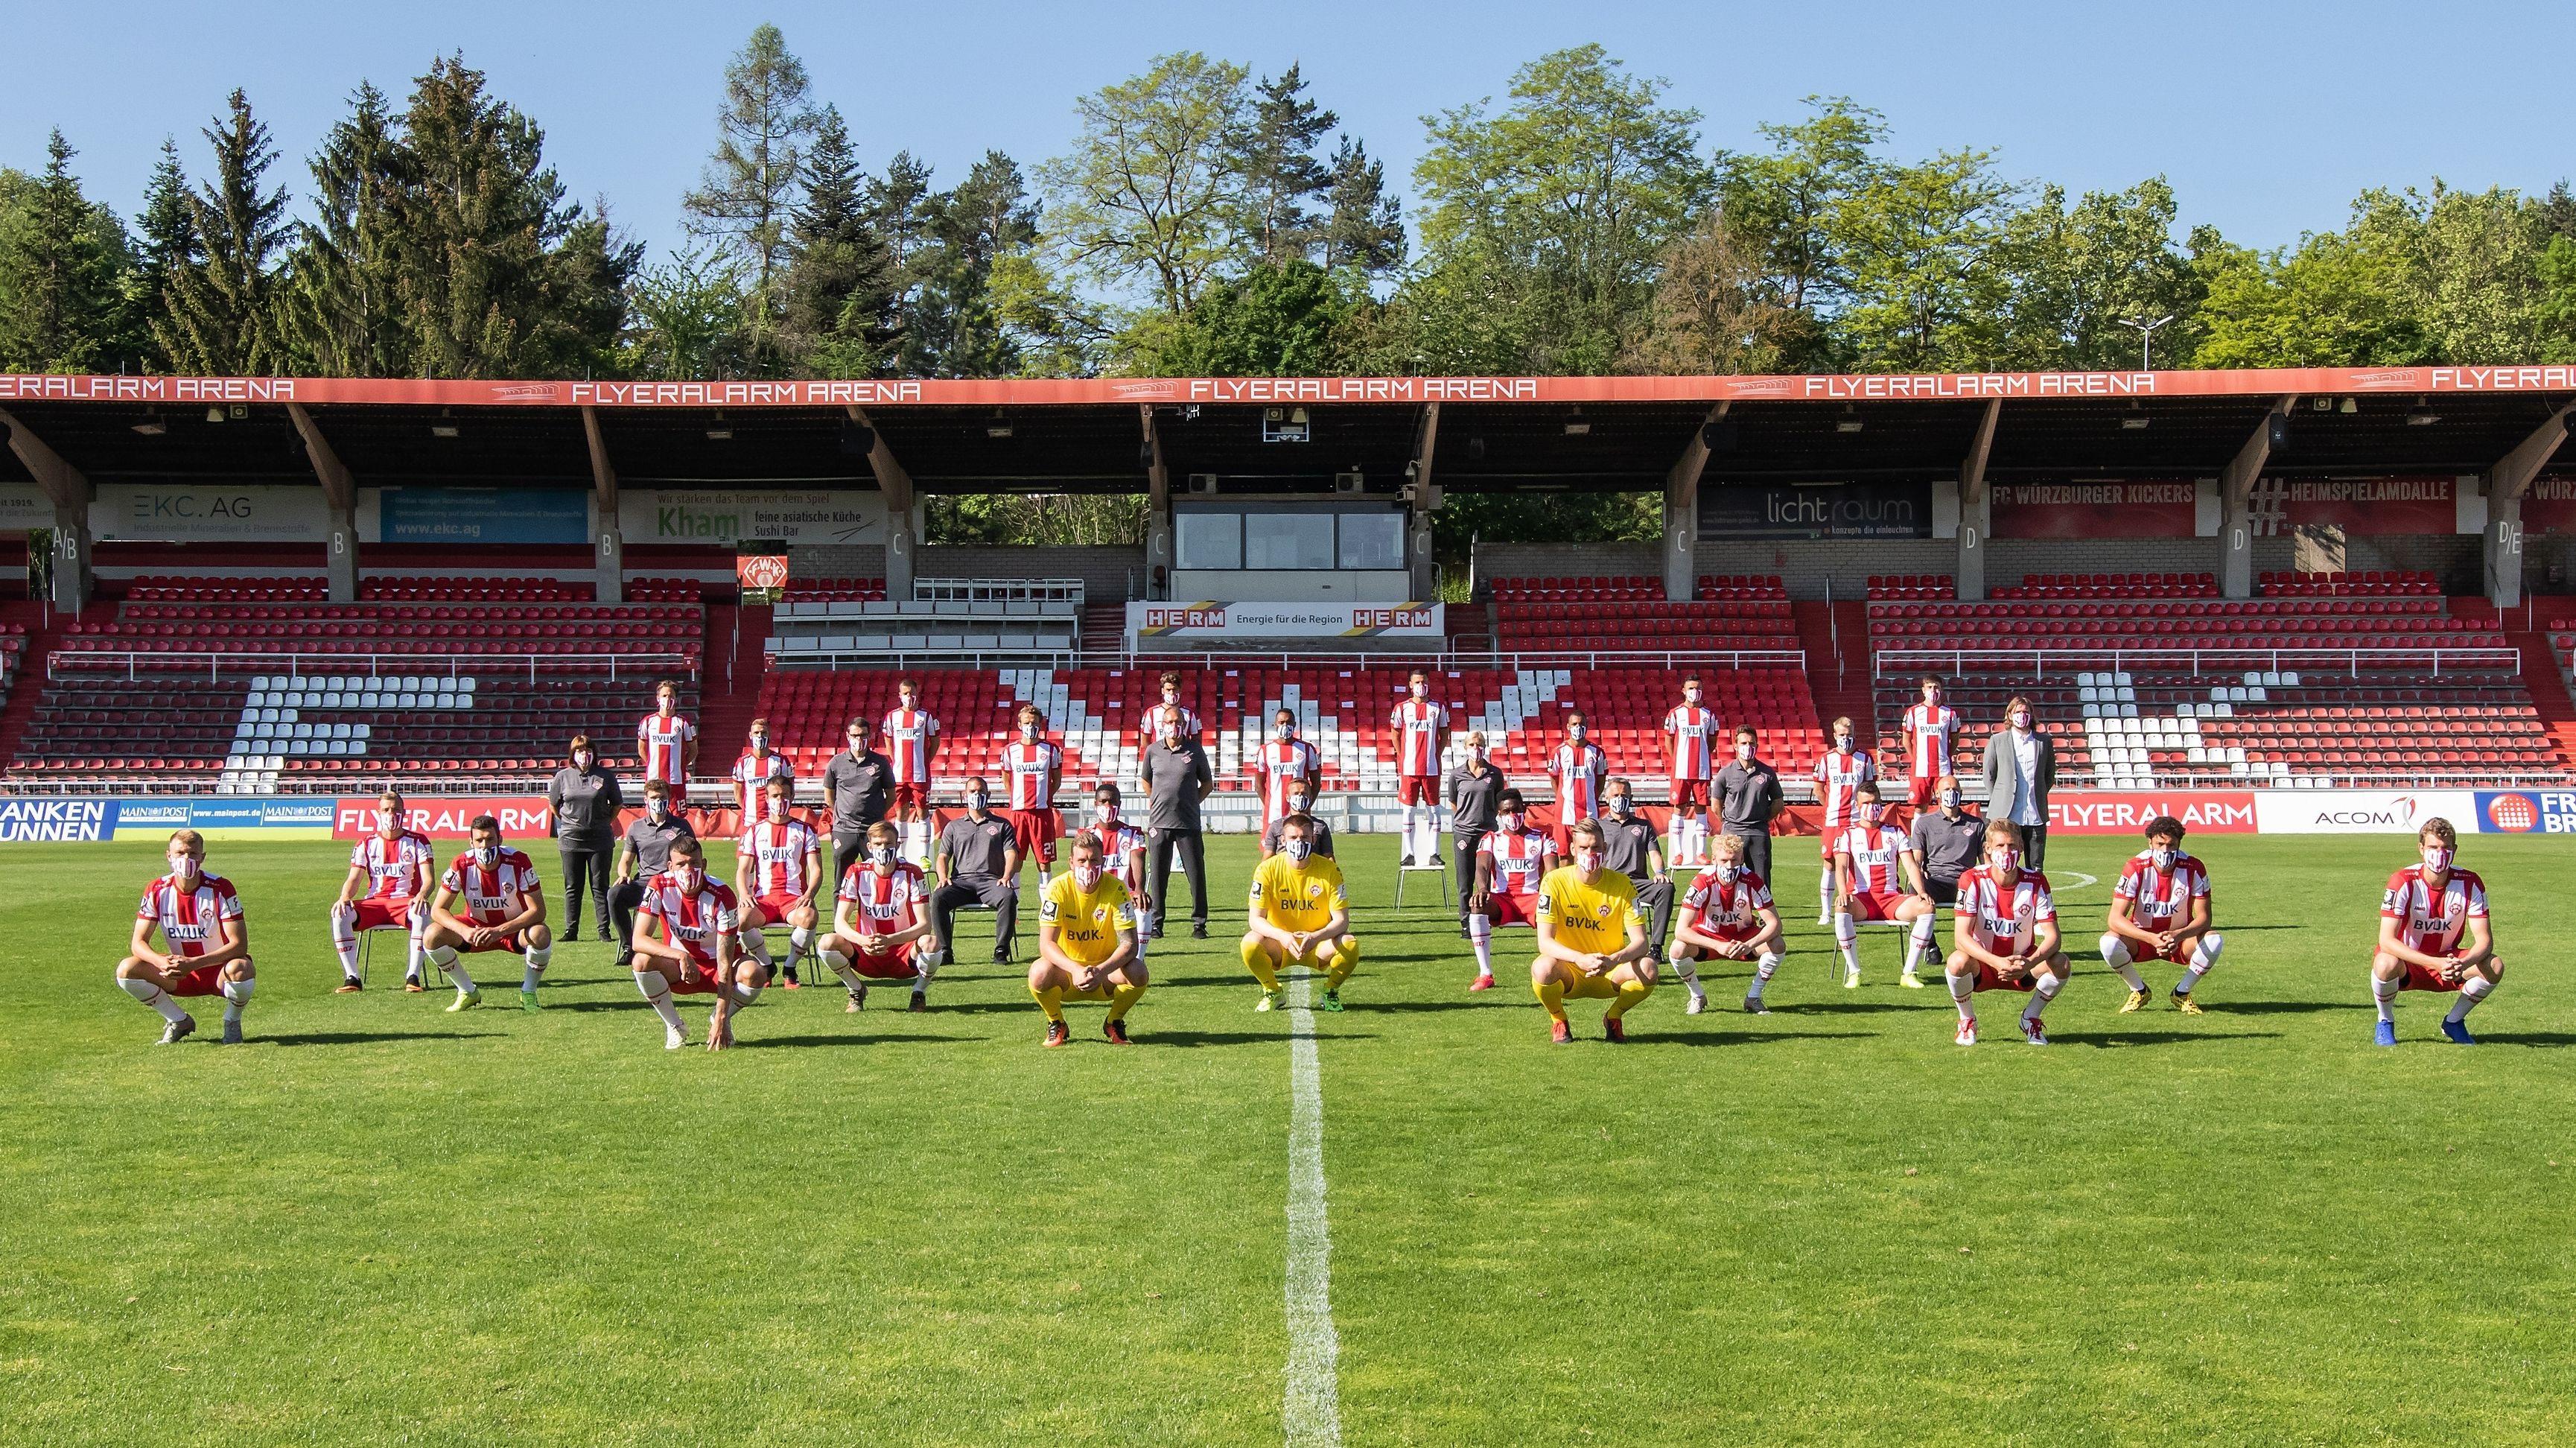 Mannschaftsfoto der Würzburger Kickers in der Coronakrise